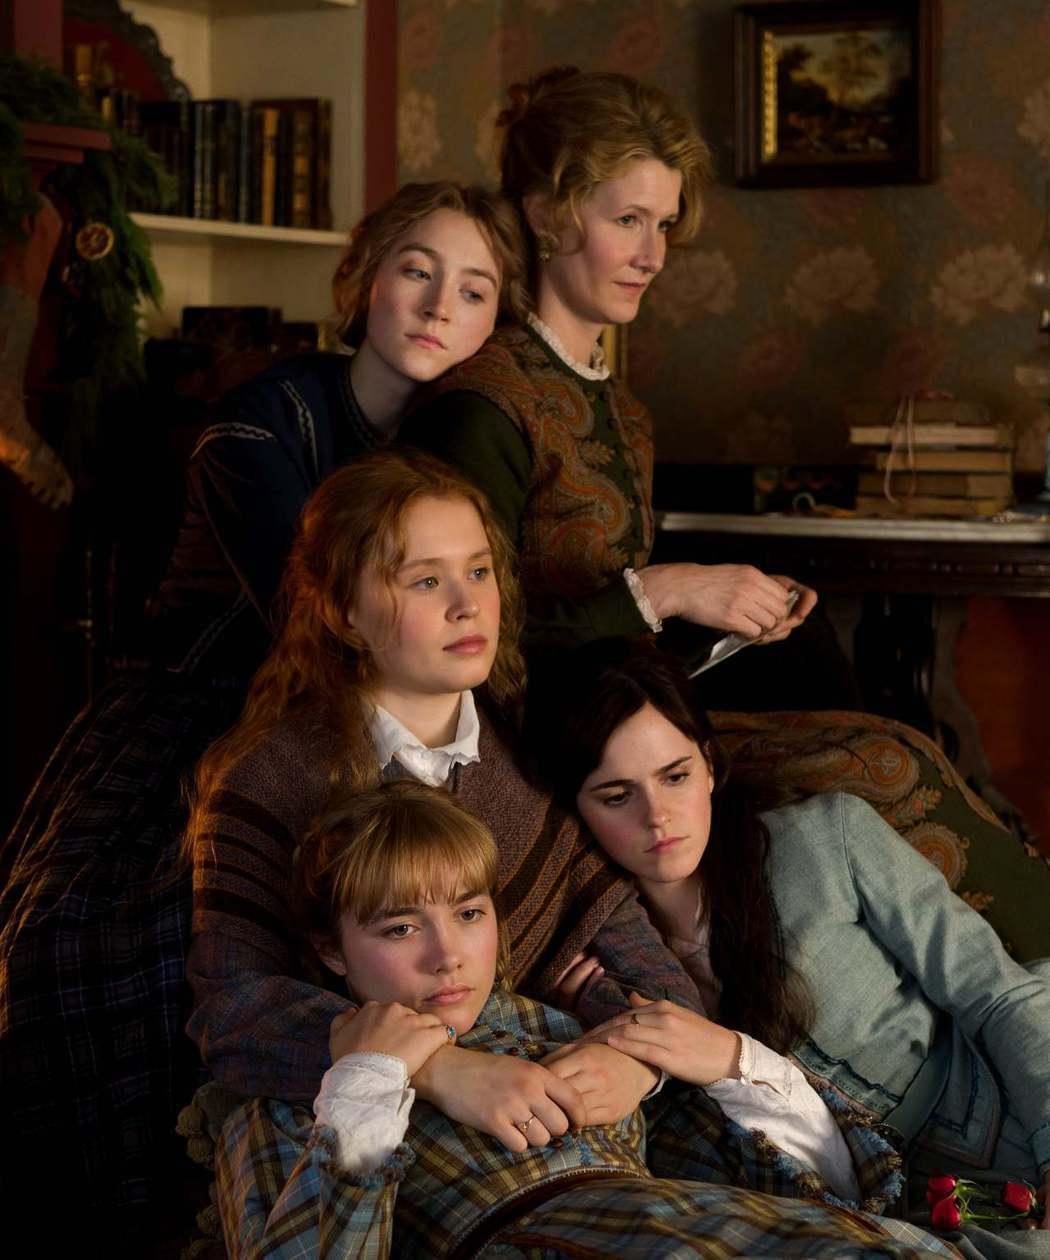 4姊妹與母親一起面對生活中的困境。圖/索尼提供